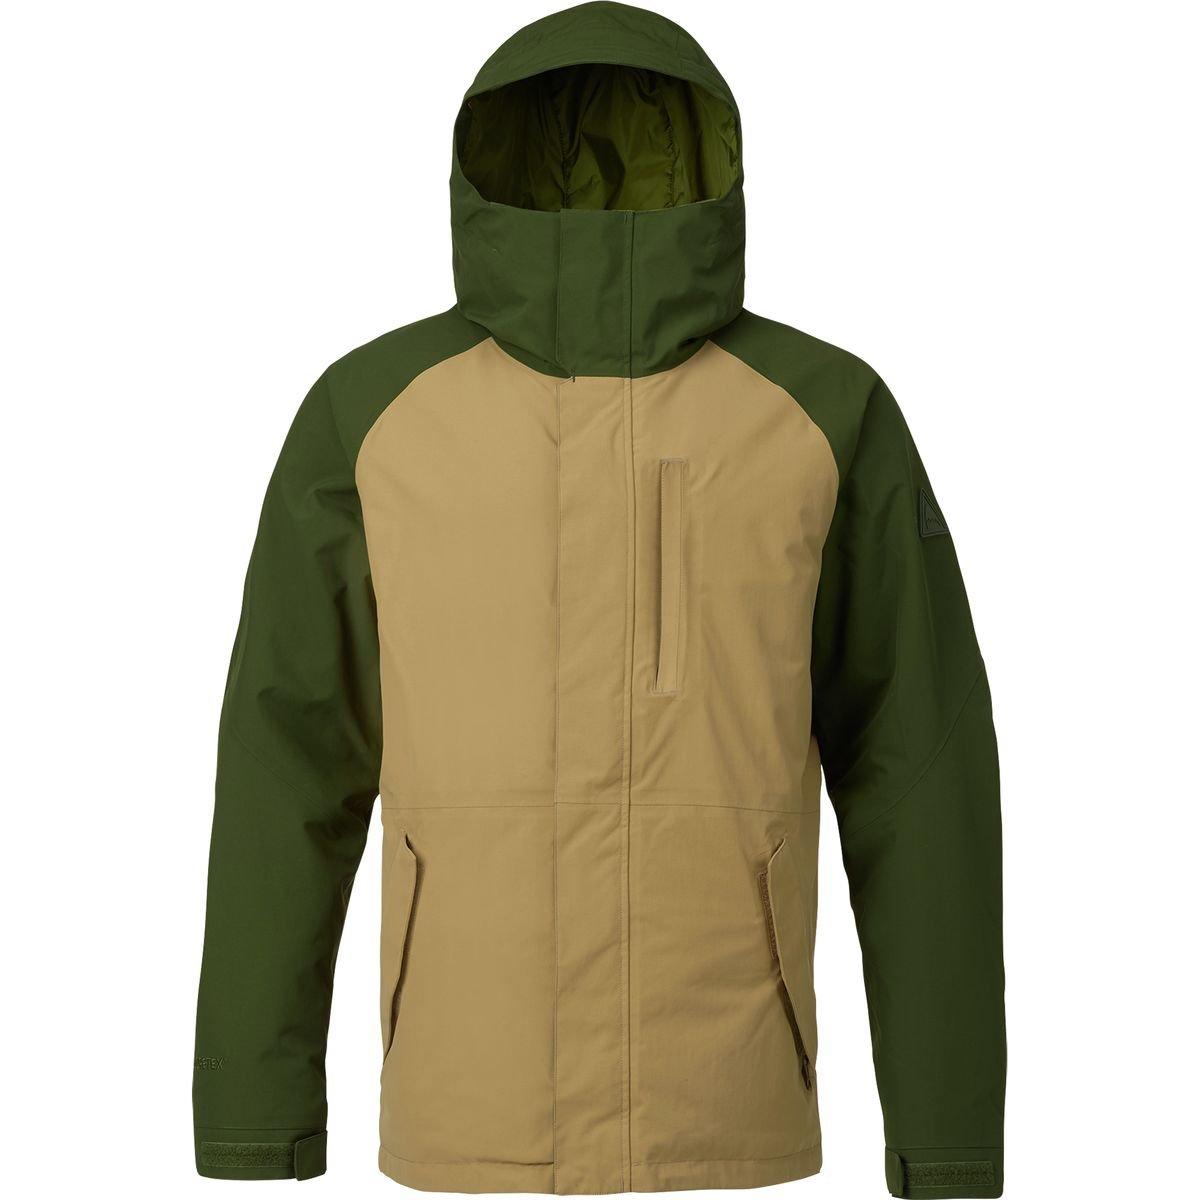 (バートン) Burton Radial Gore-Tex Jacket メンズ ジャケットRifle Green/Kelp [並行輸入品] B075JXVH36 日本サイズ LL (US L)|Rifle Green/Kelp Rifle Green/Kelp 日本サイズ LL (US L)